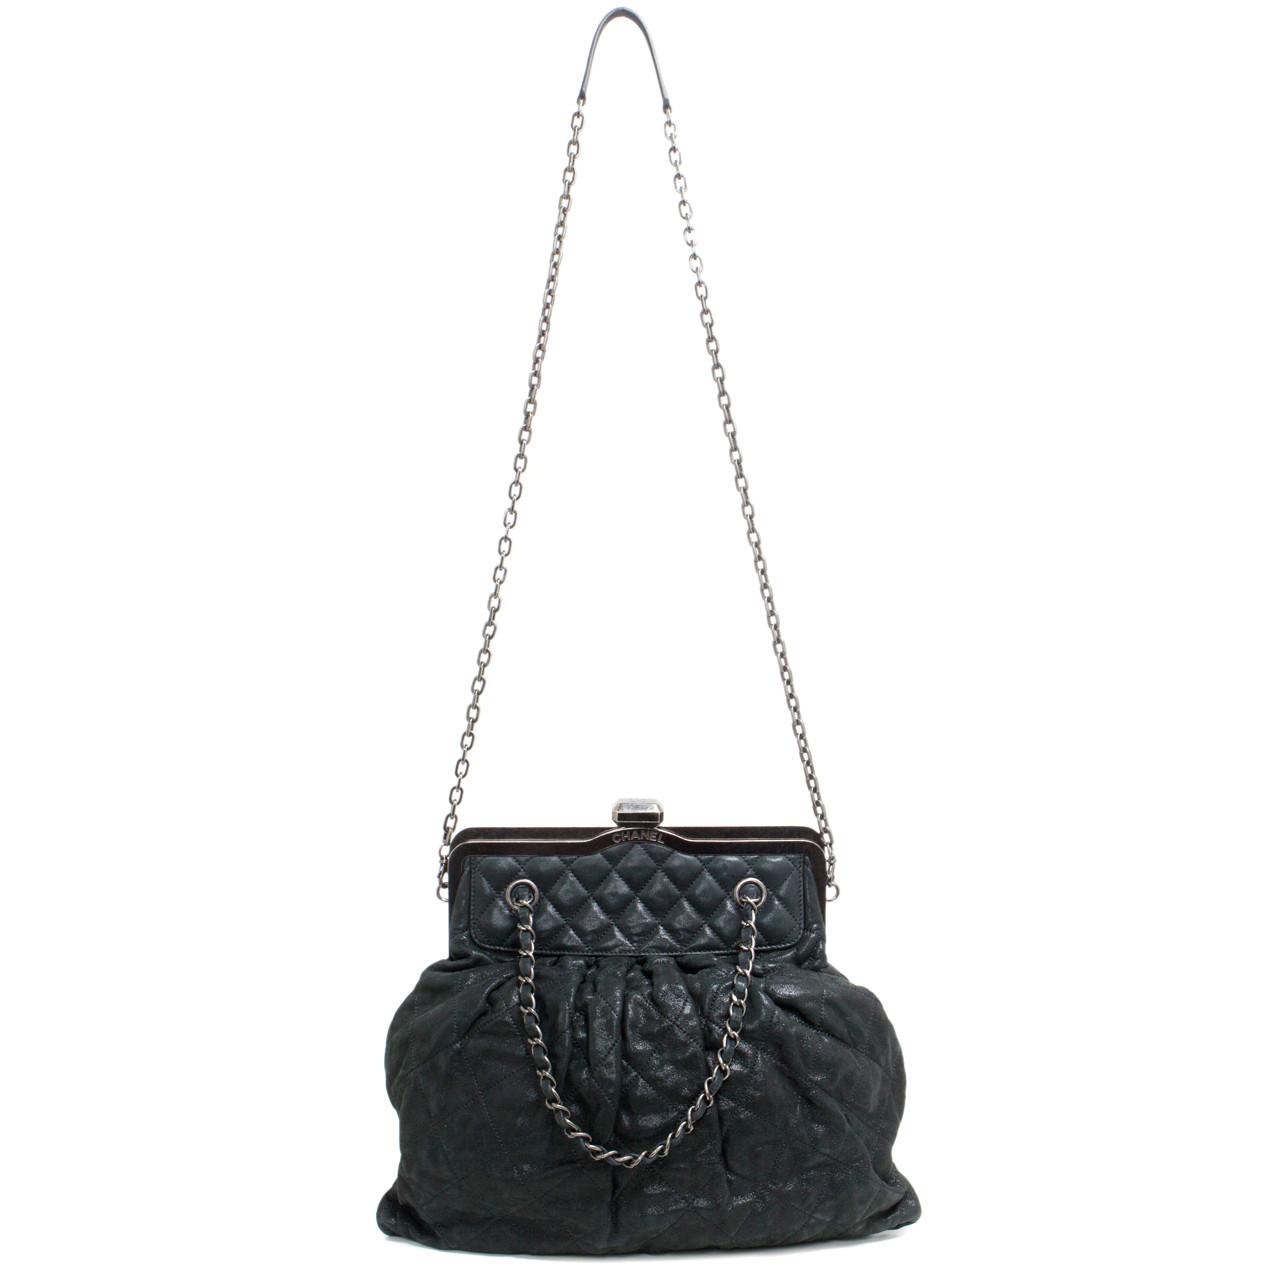 8a0de6f913e242 Chanel Black Iridescent Calfskin Chic Quilt Frame Bag - modaselle